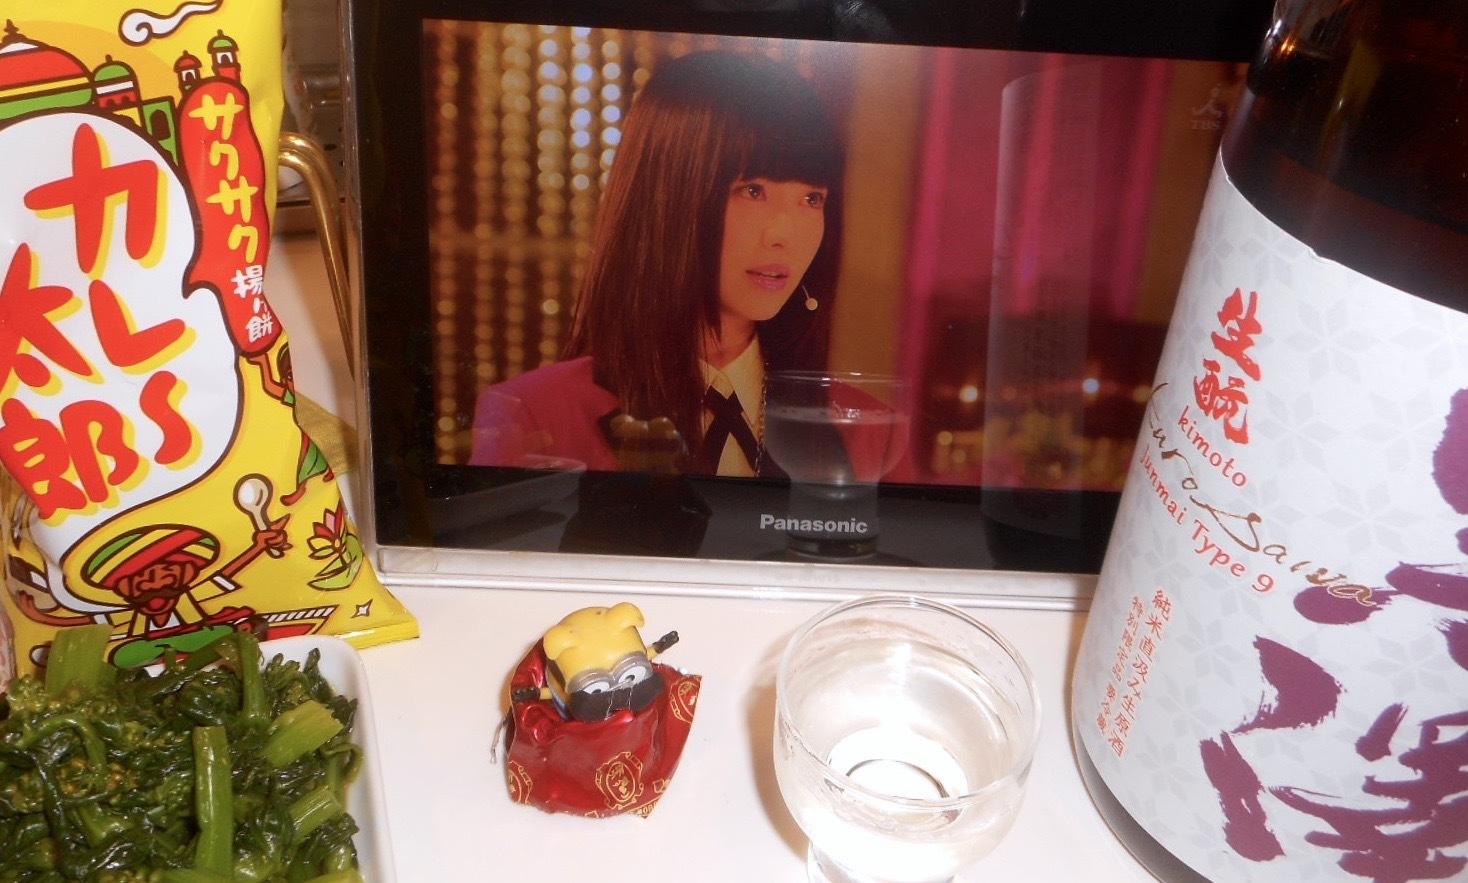 kurosawa_type9_29by5_8.jpg